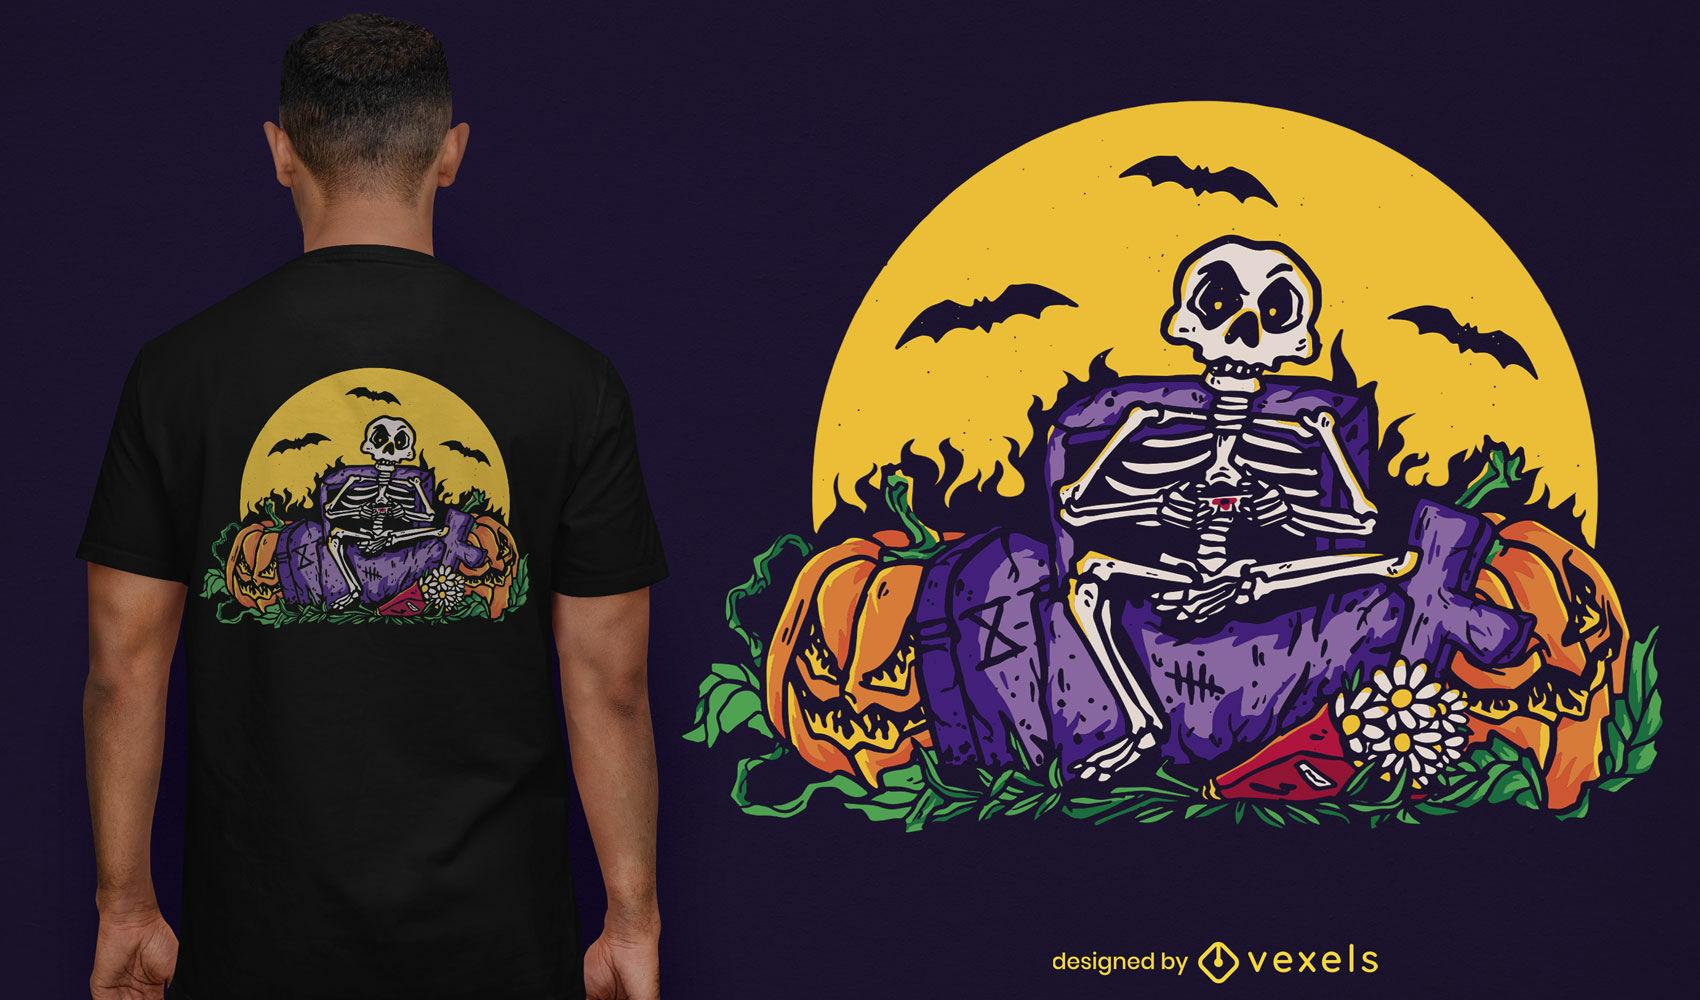 Esqueleto jugando con diseño de camiseta de joystick.